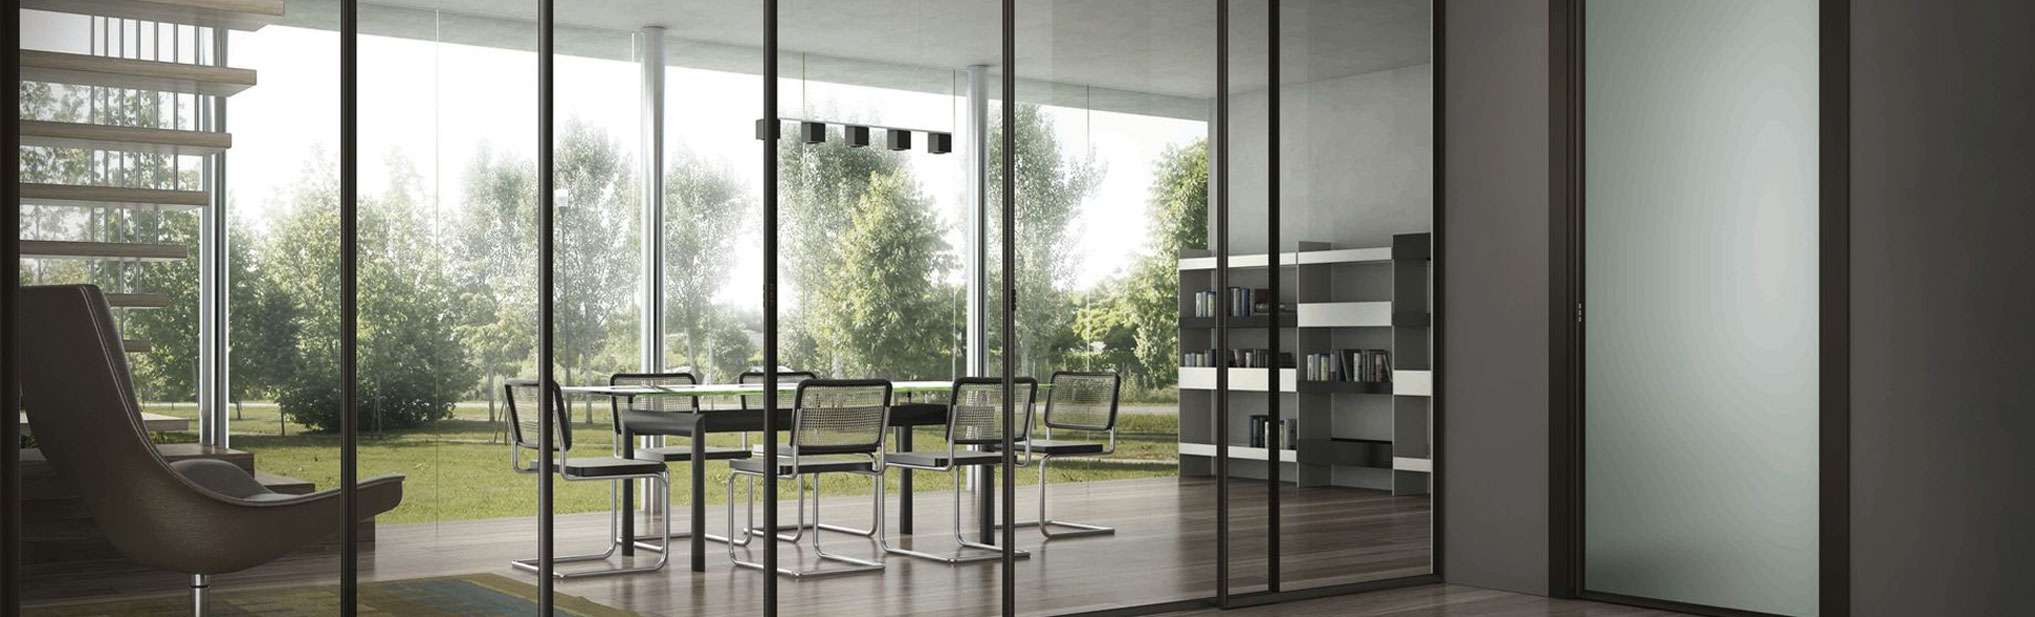 Case Studies Customers Aluminium Windows Doors Bi Folding